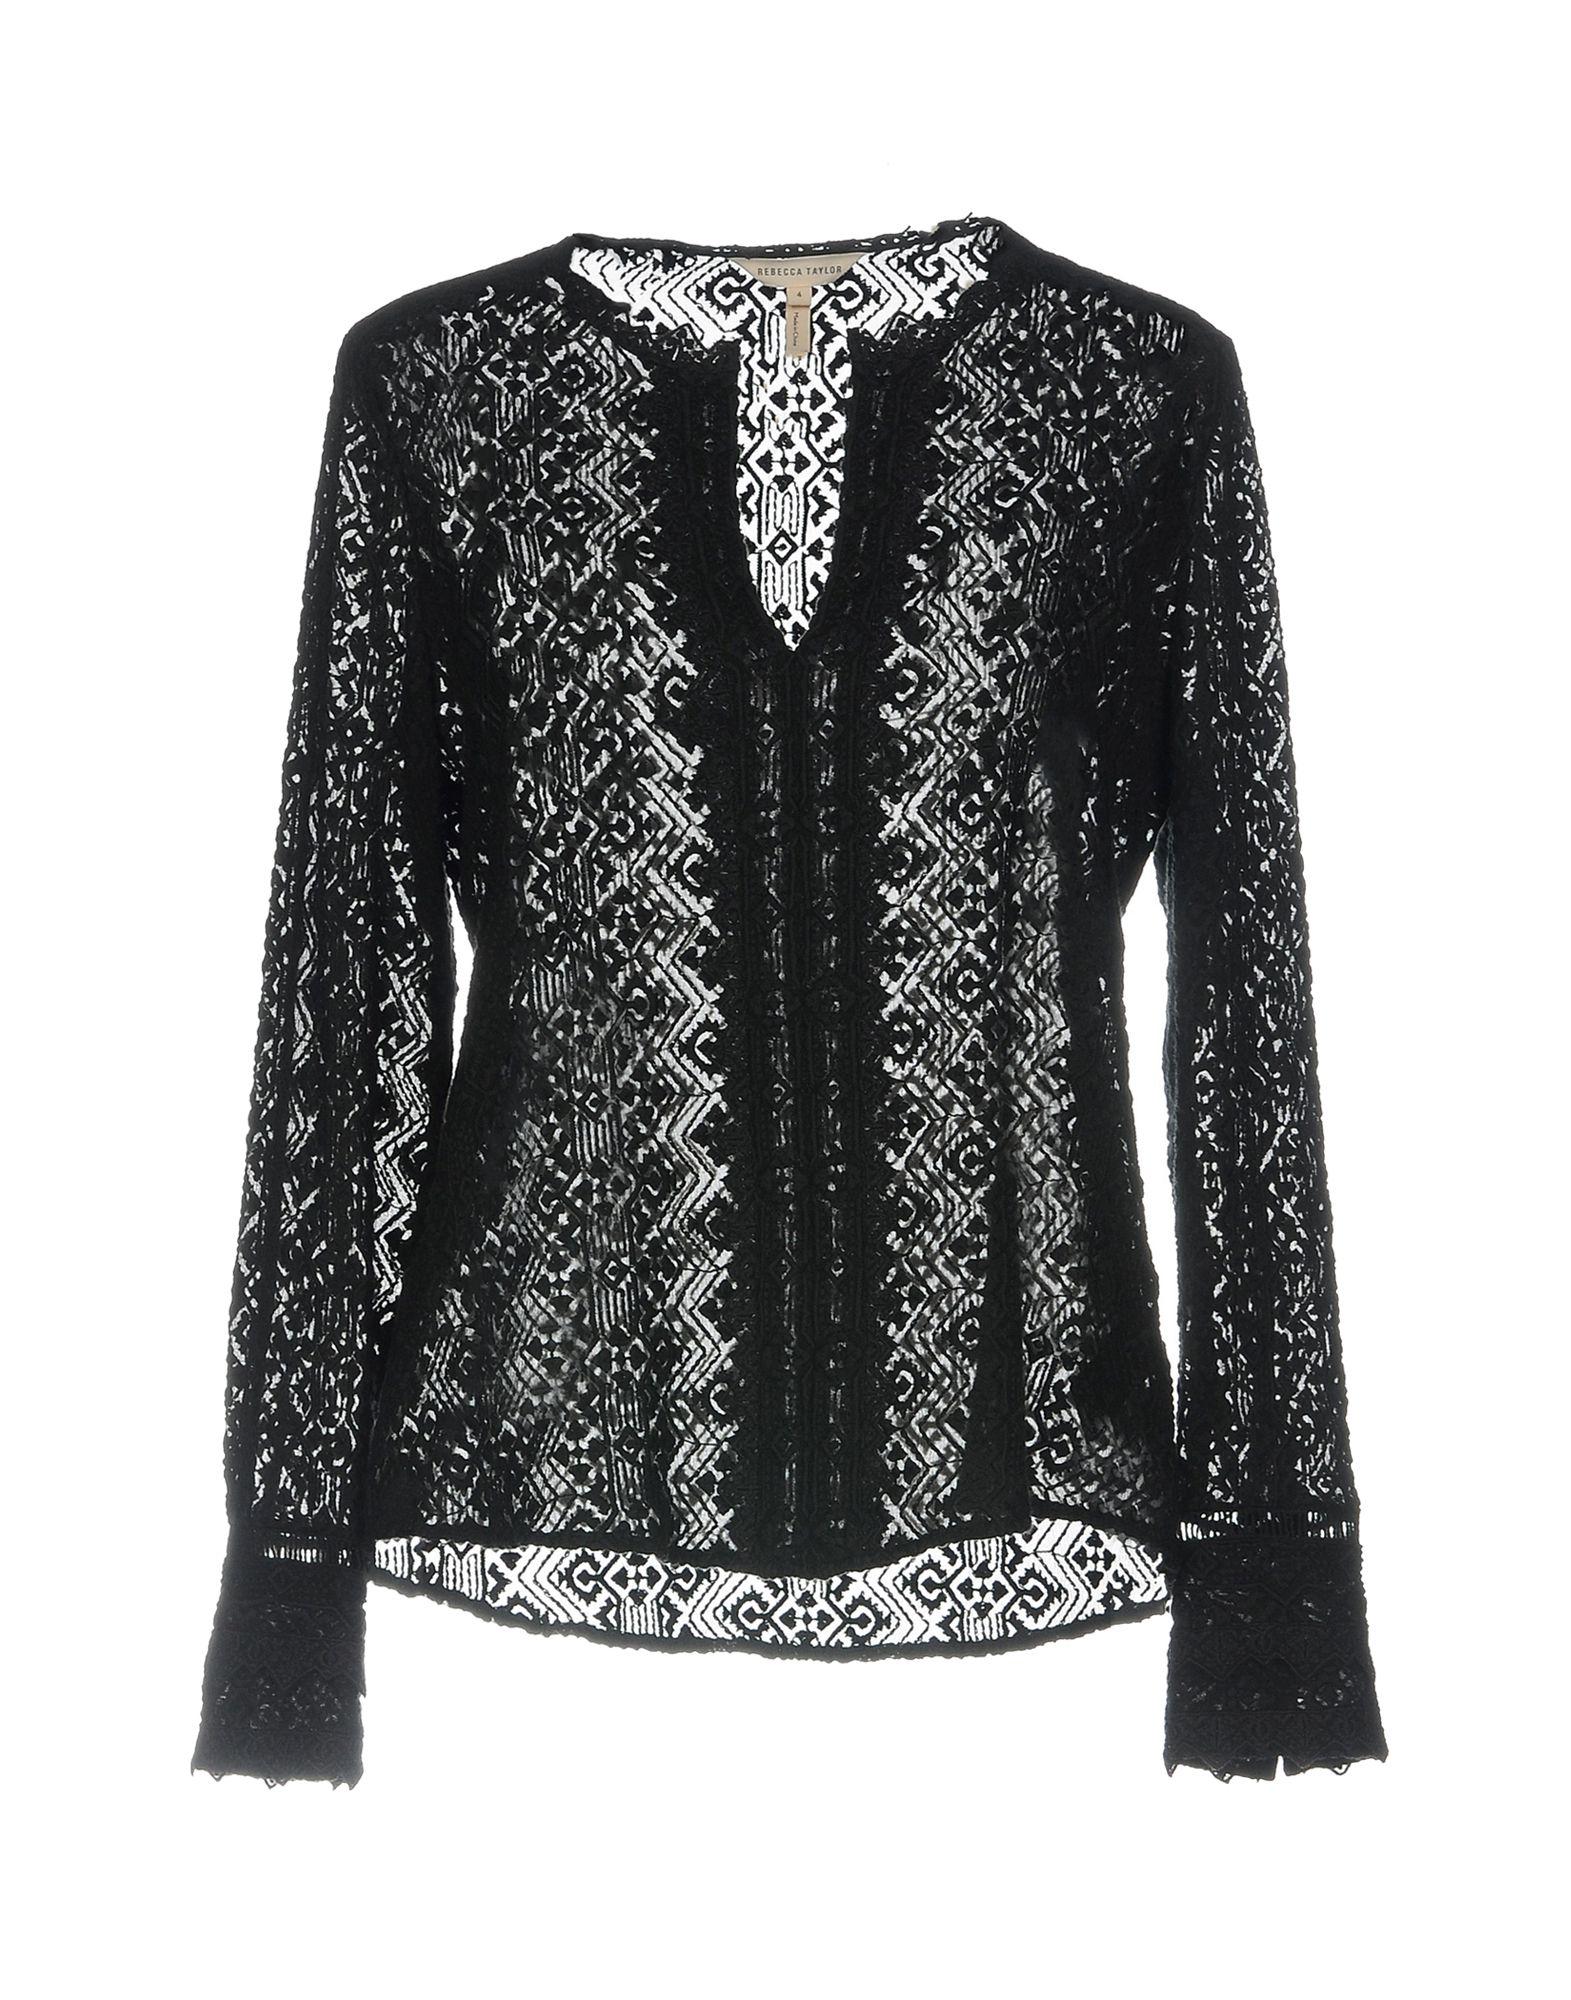 где купить REBECCA TAYLOR Блузка по лучшей цене